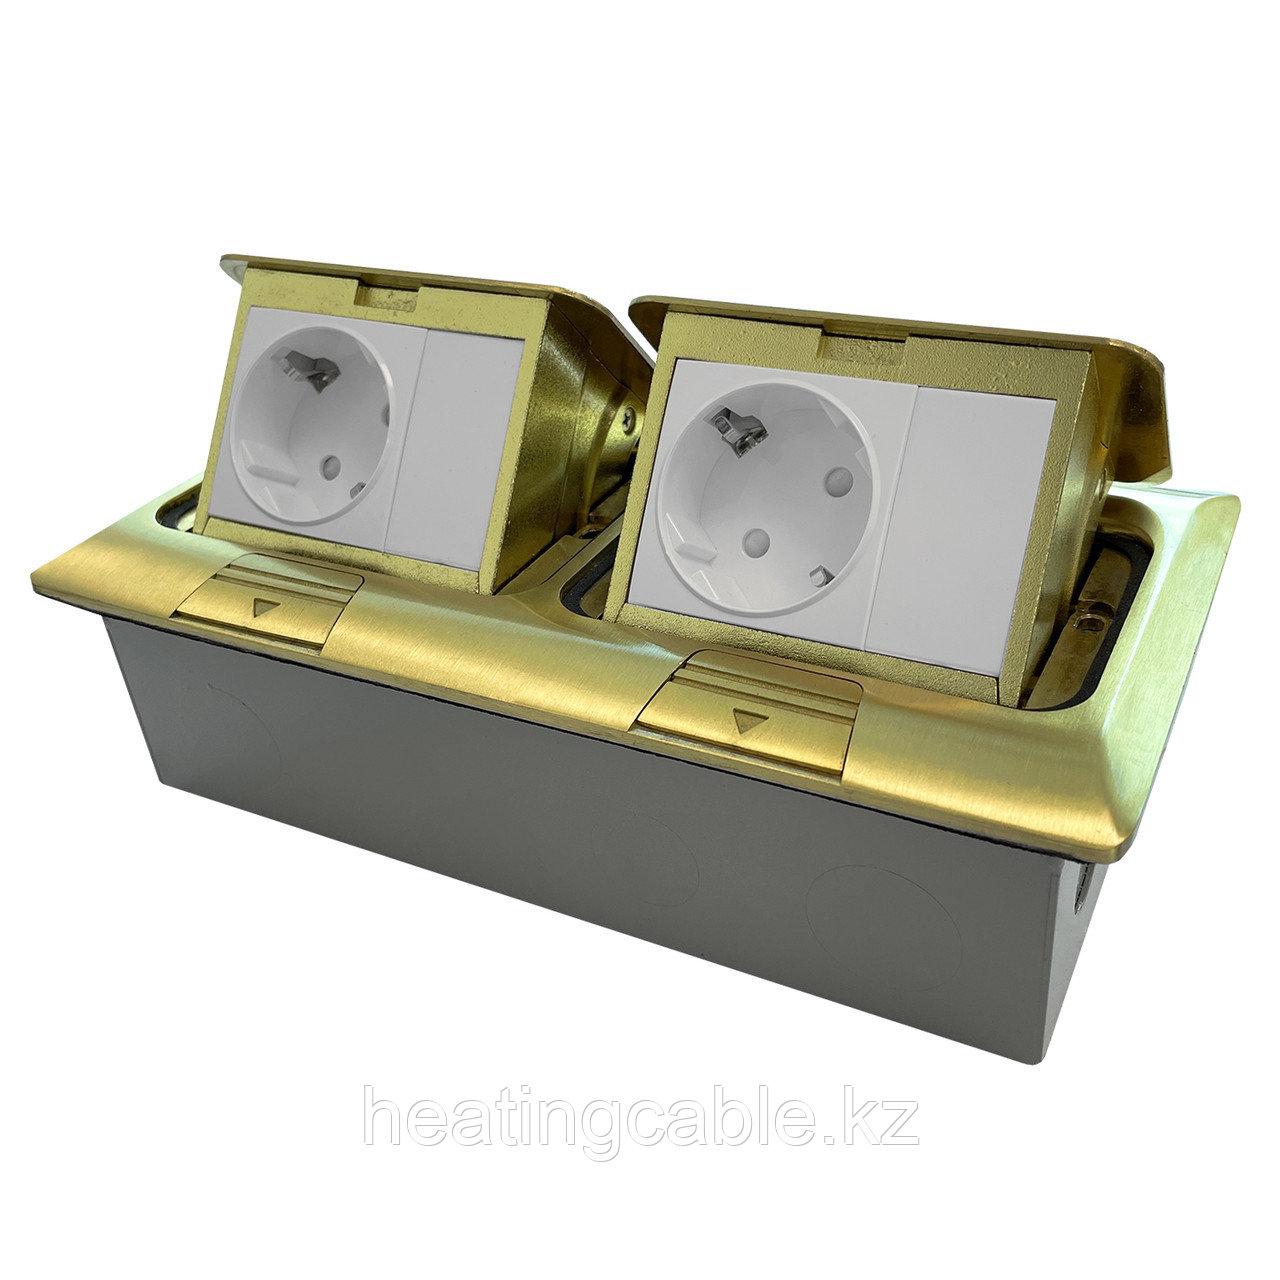 Напольный/настольный лючок на 2х3 модуля, металл, матовое золото